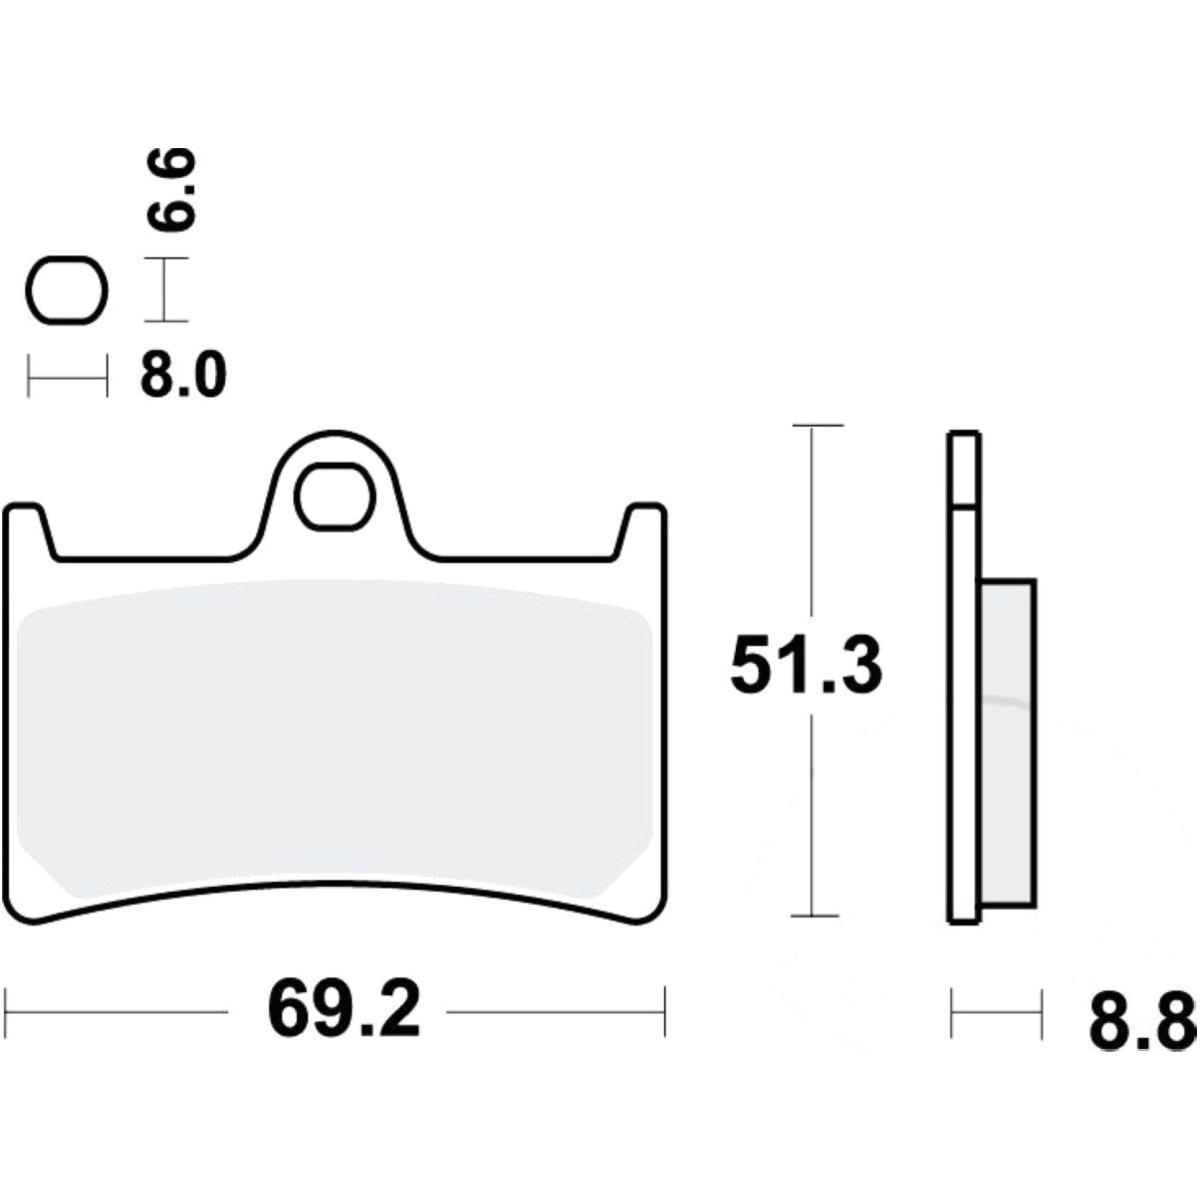 5SL1 Brake Master Cylinder Rebuild Front for 2003 Yamaha YZF R6